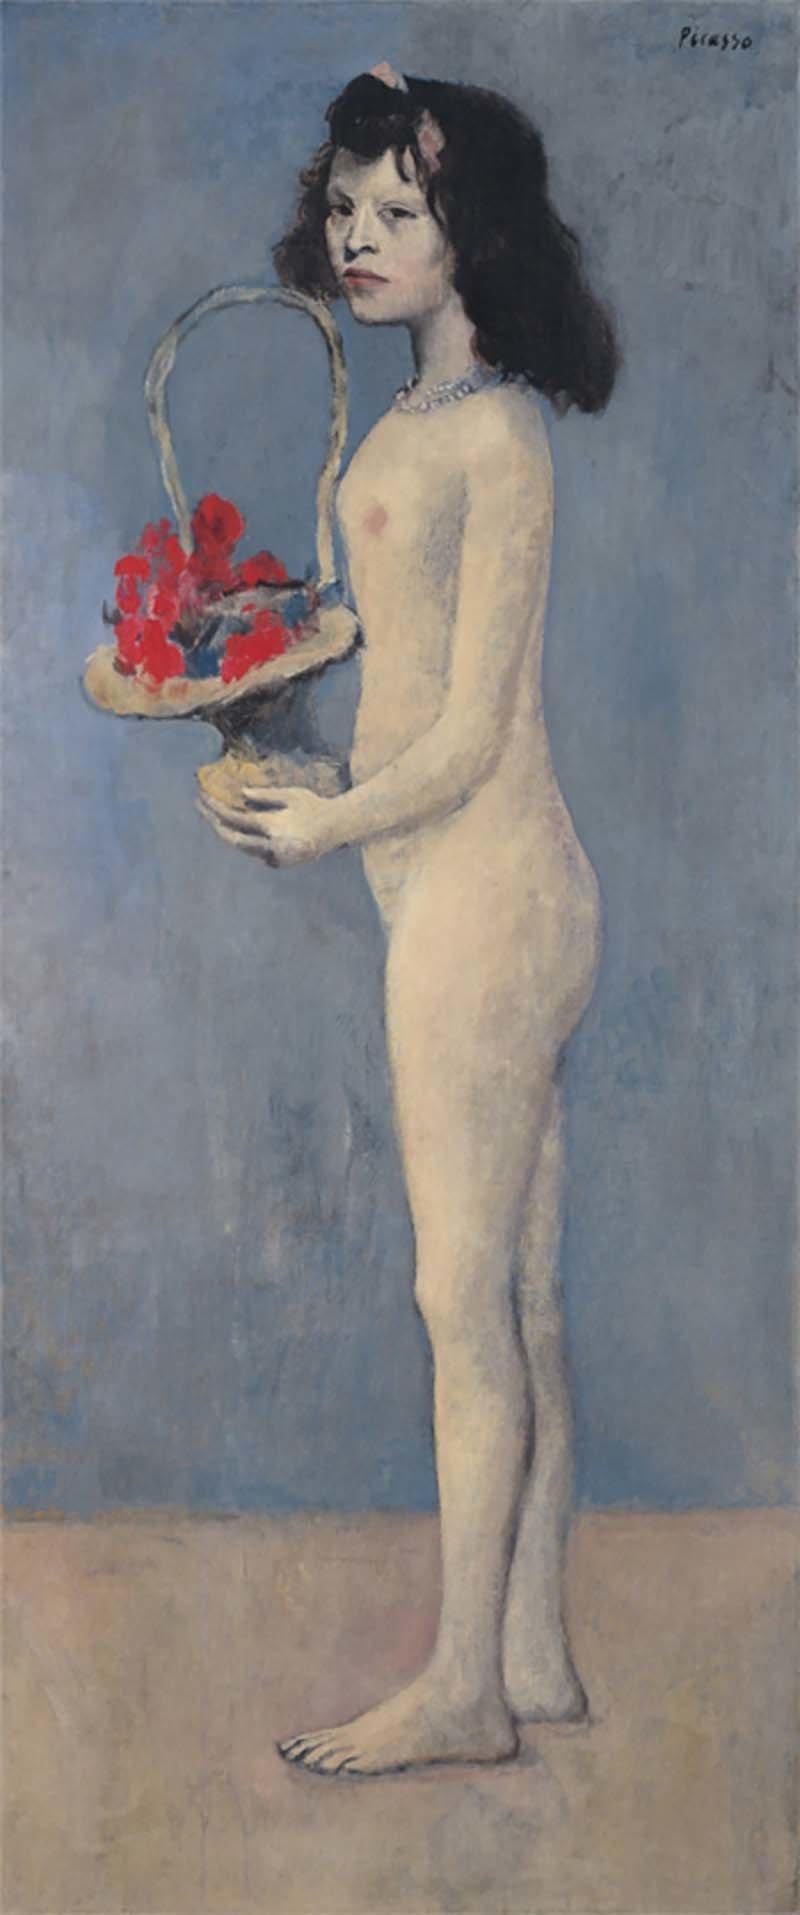 «Девушка с корзиной цветов», Пабло Пикассо аукцион, искусство, картина, коллекция Рокфеллера, художник